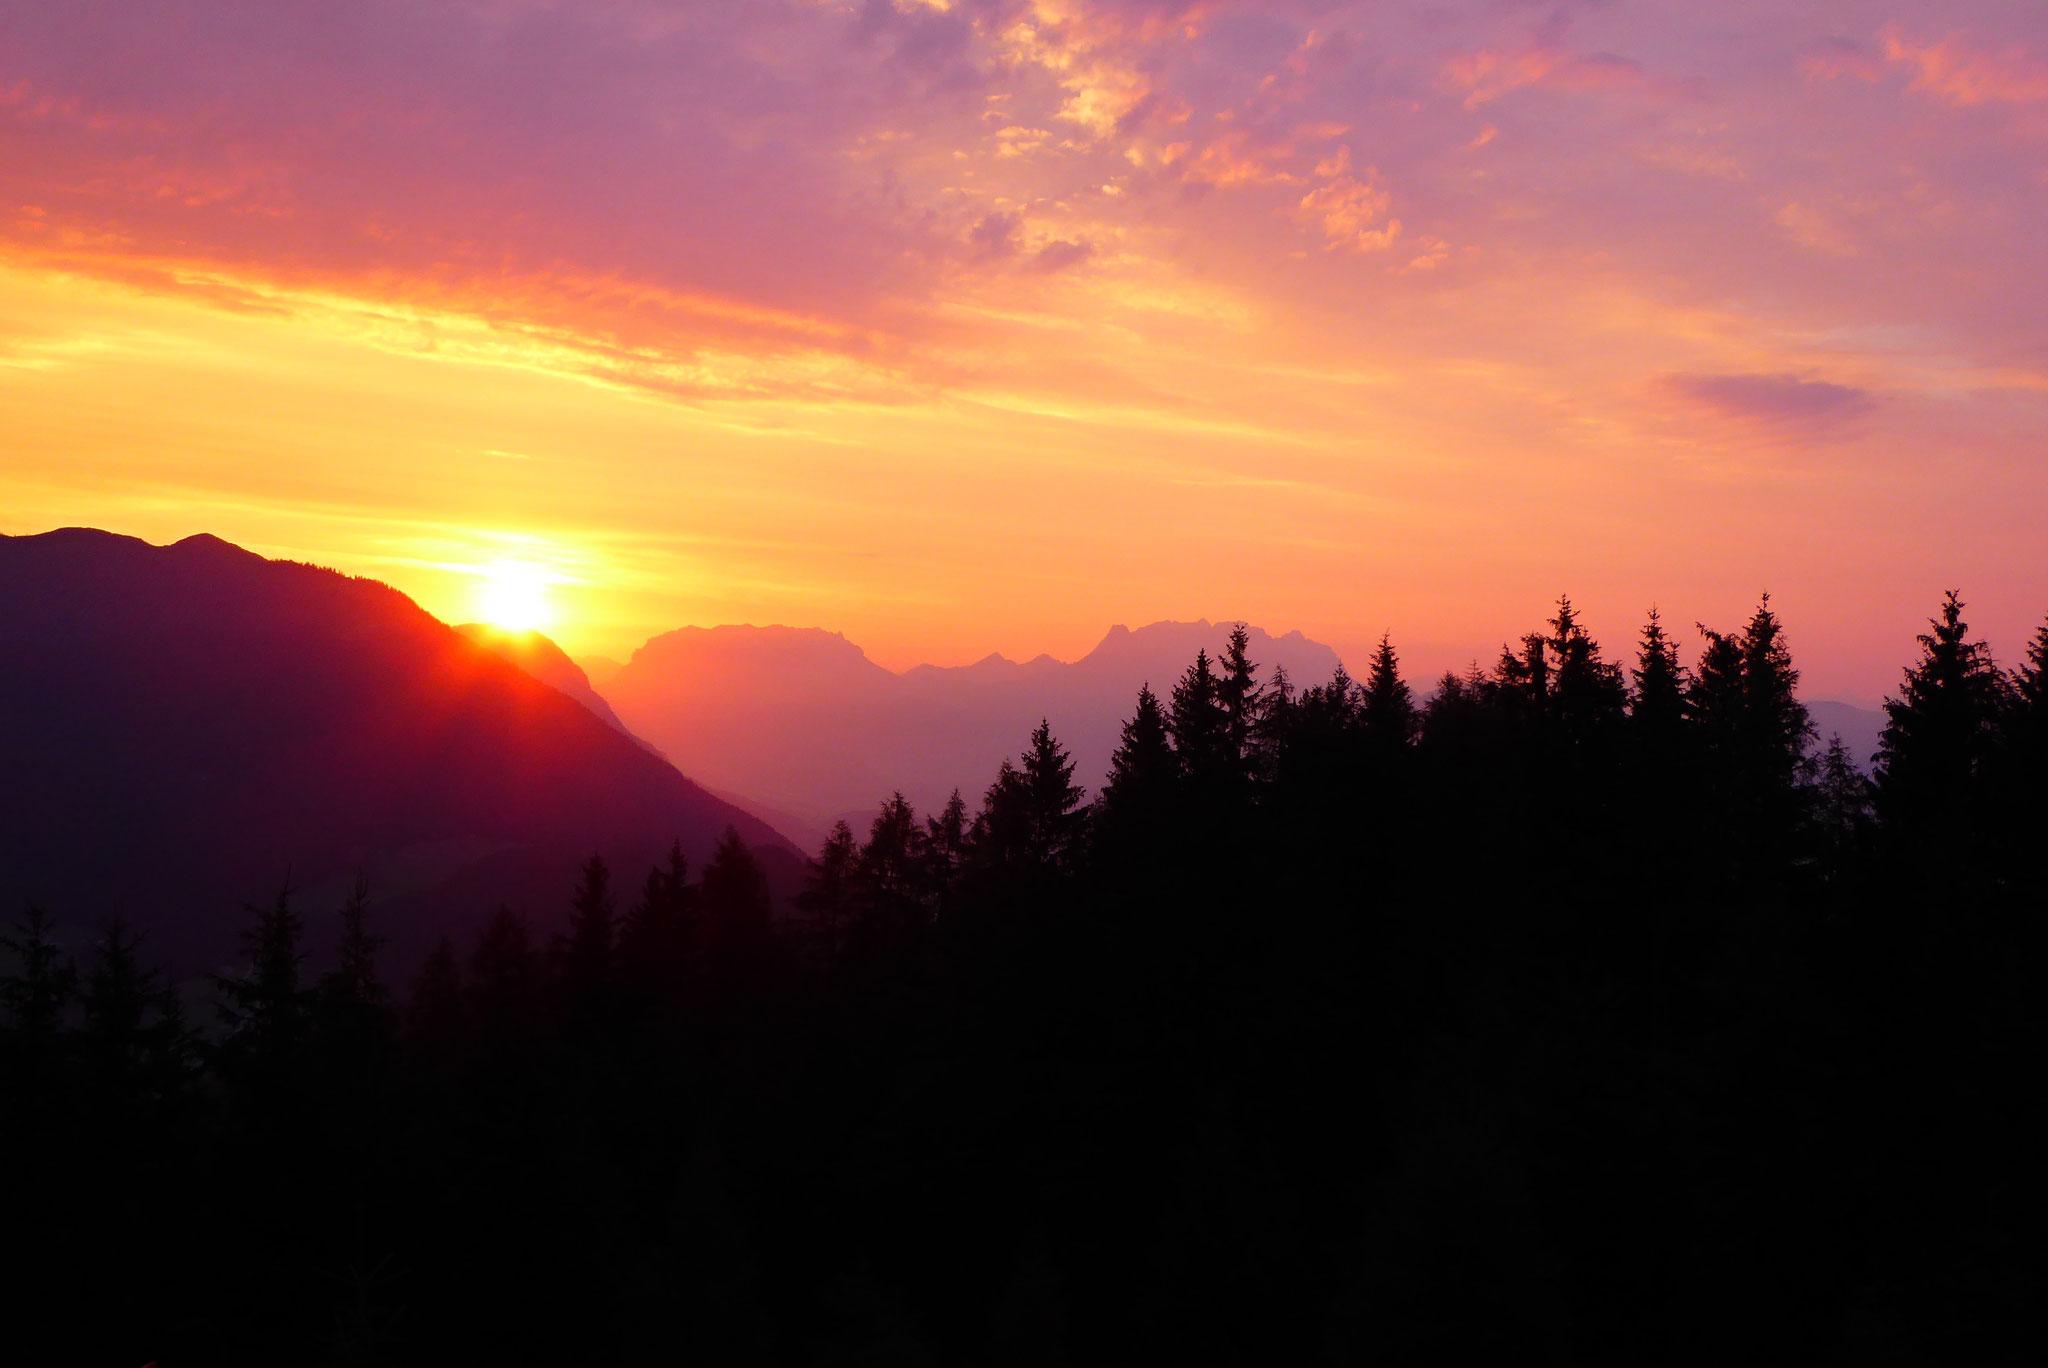 Wundschöner Sonnenaufgang! Foto: Ulrich Jaroschek